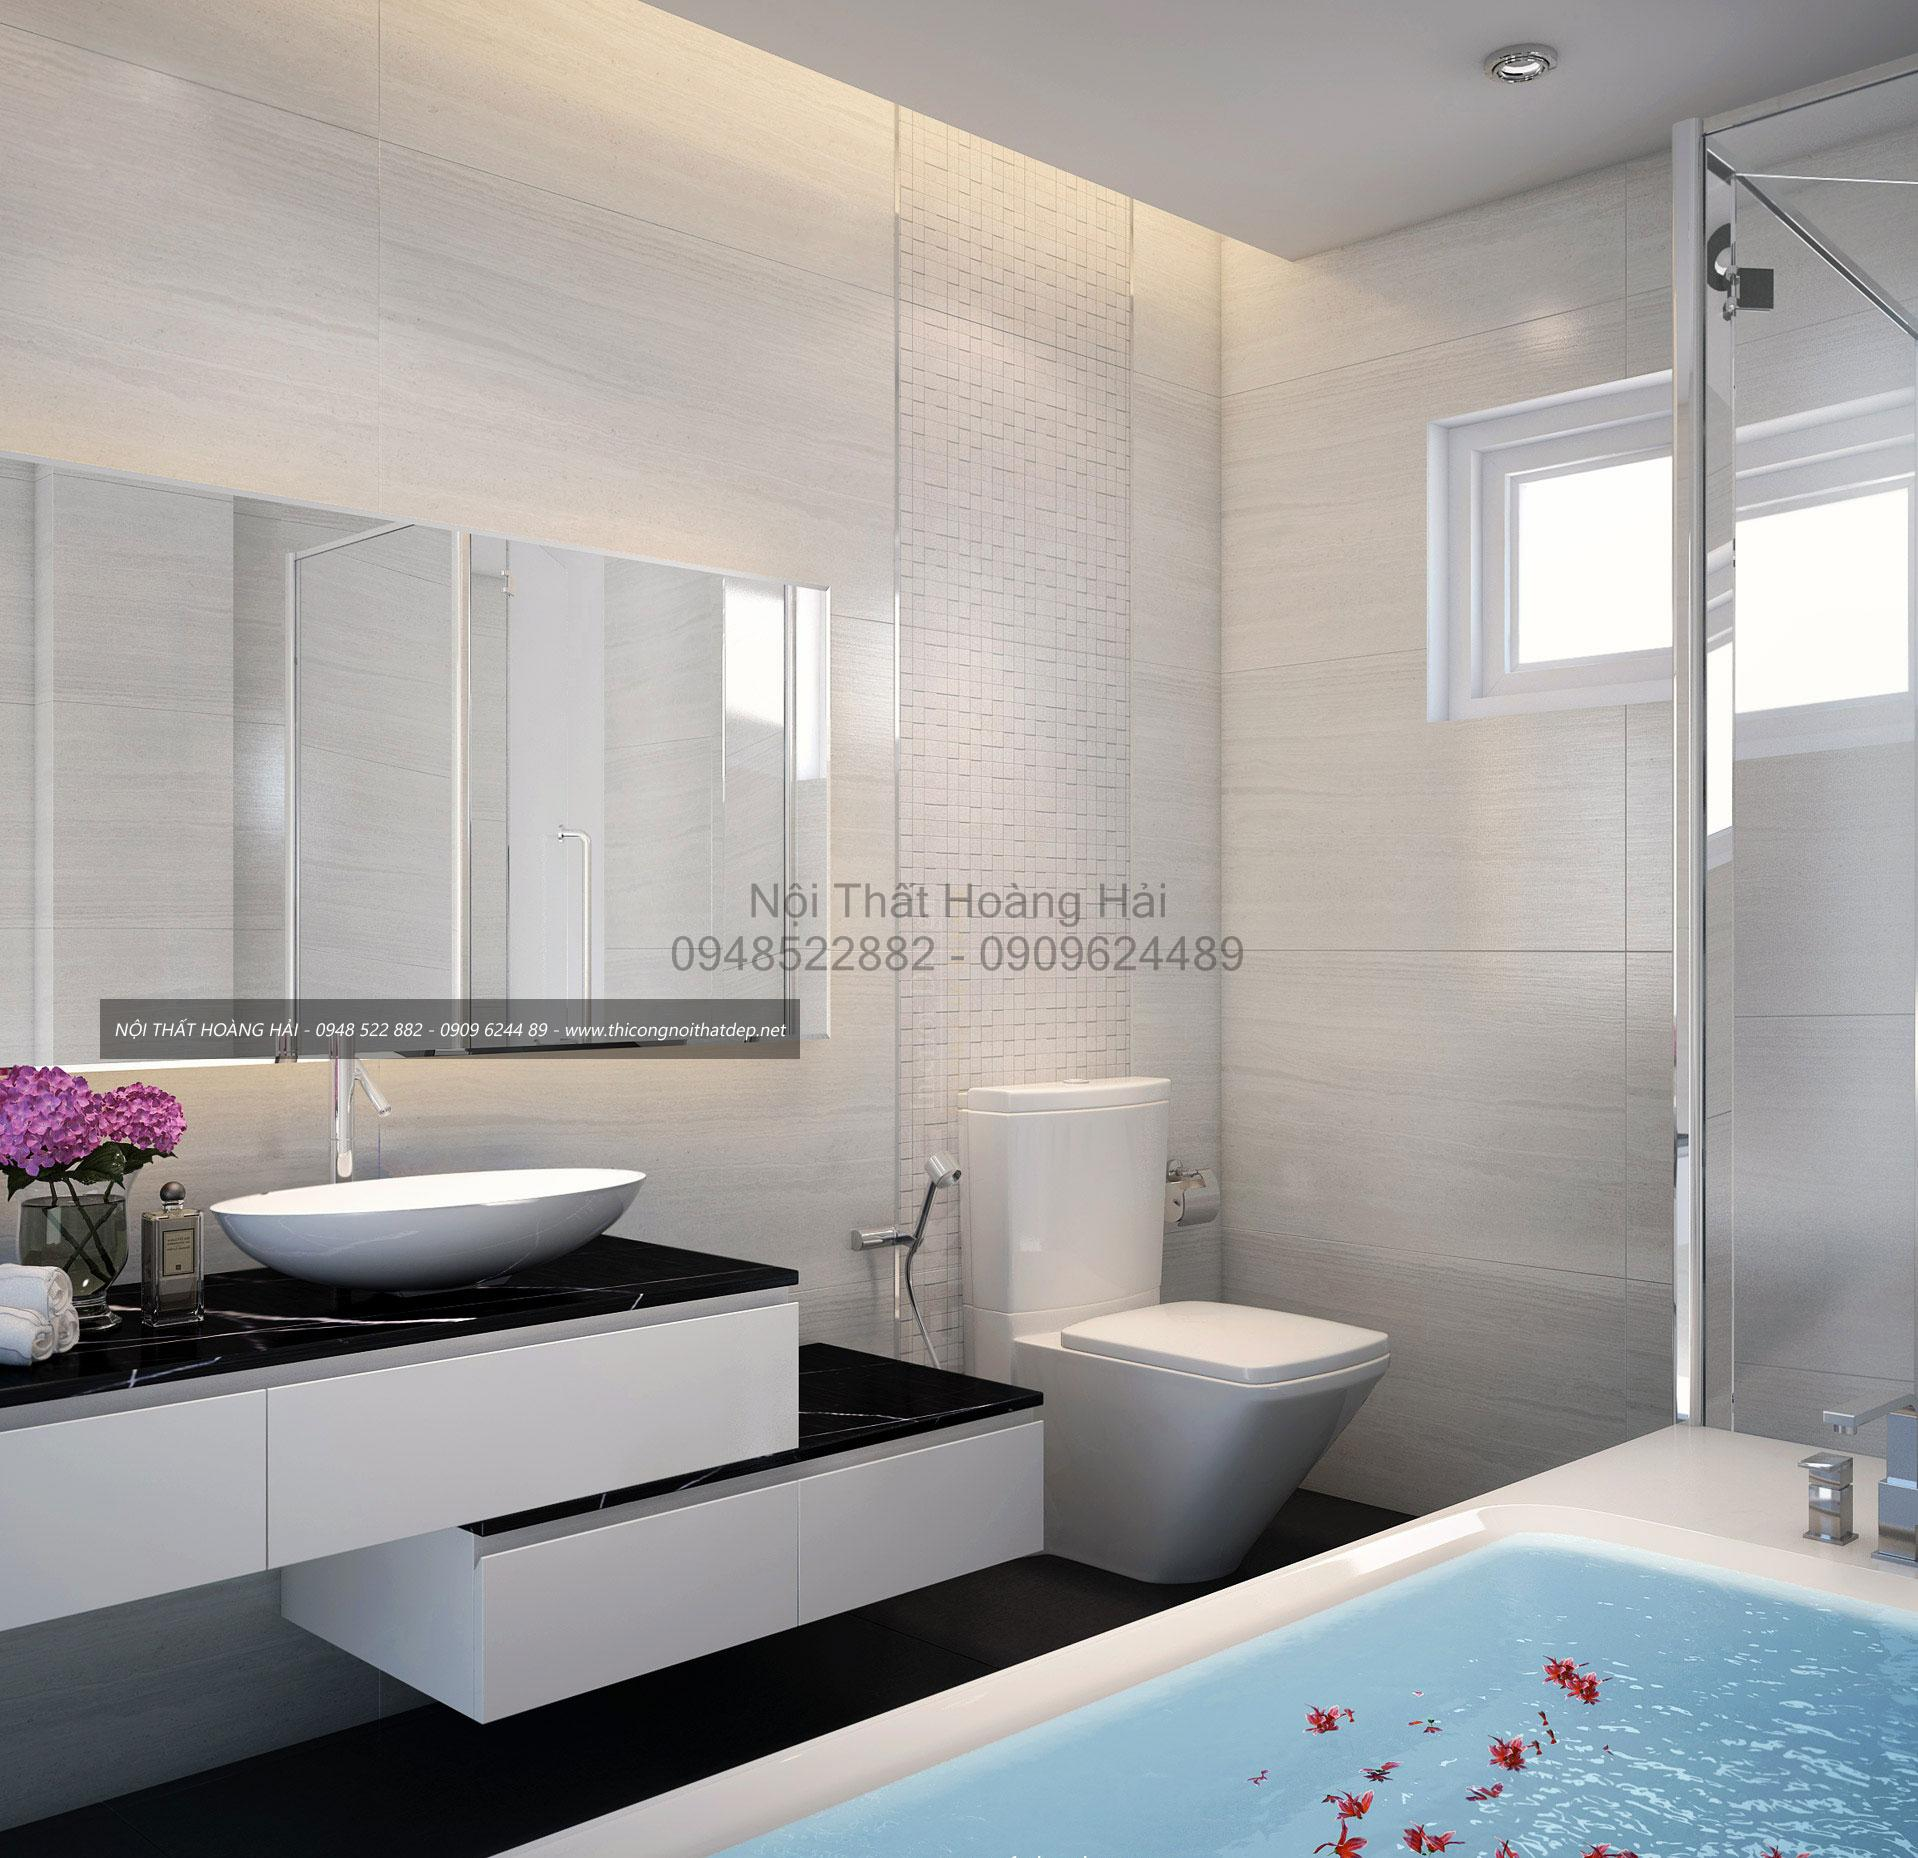 Thi công nội thất phòng tắm biệt thự nhà Lan Anh